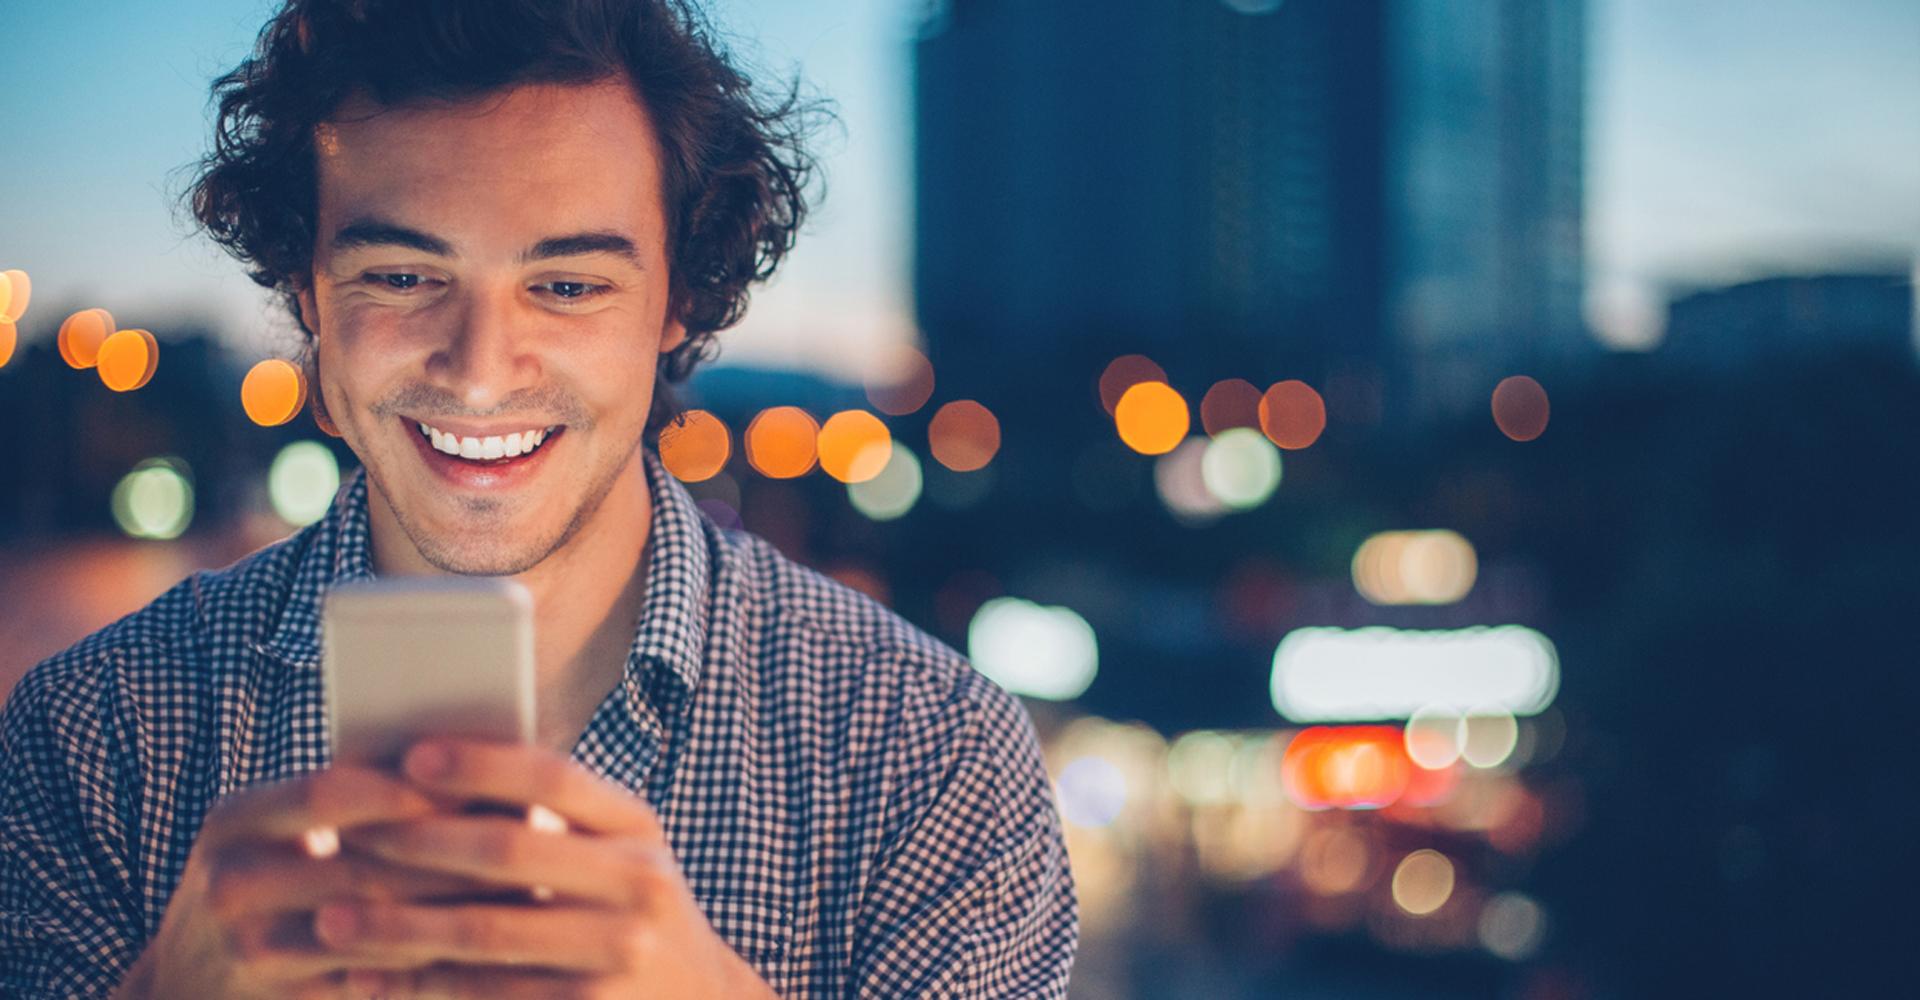 Ein Mann schaut lachend auf sein Smartphone, im Hintergrund sieht man eine City-Skyline.